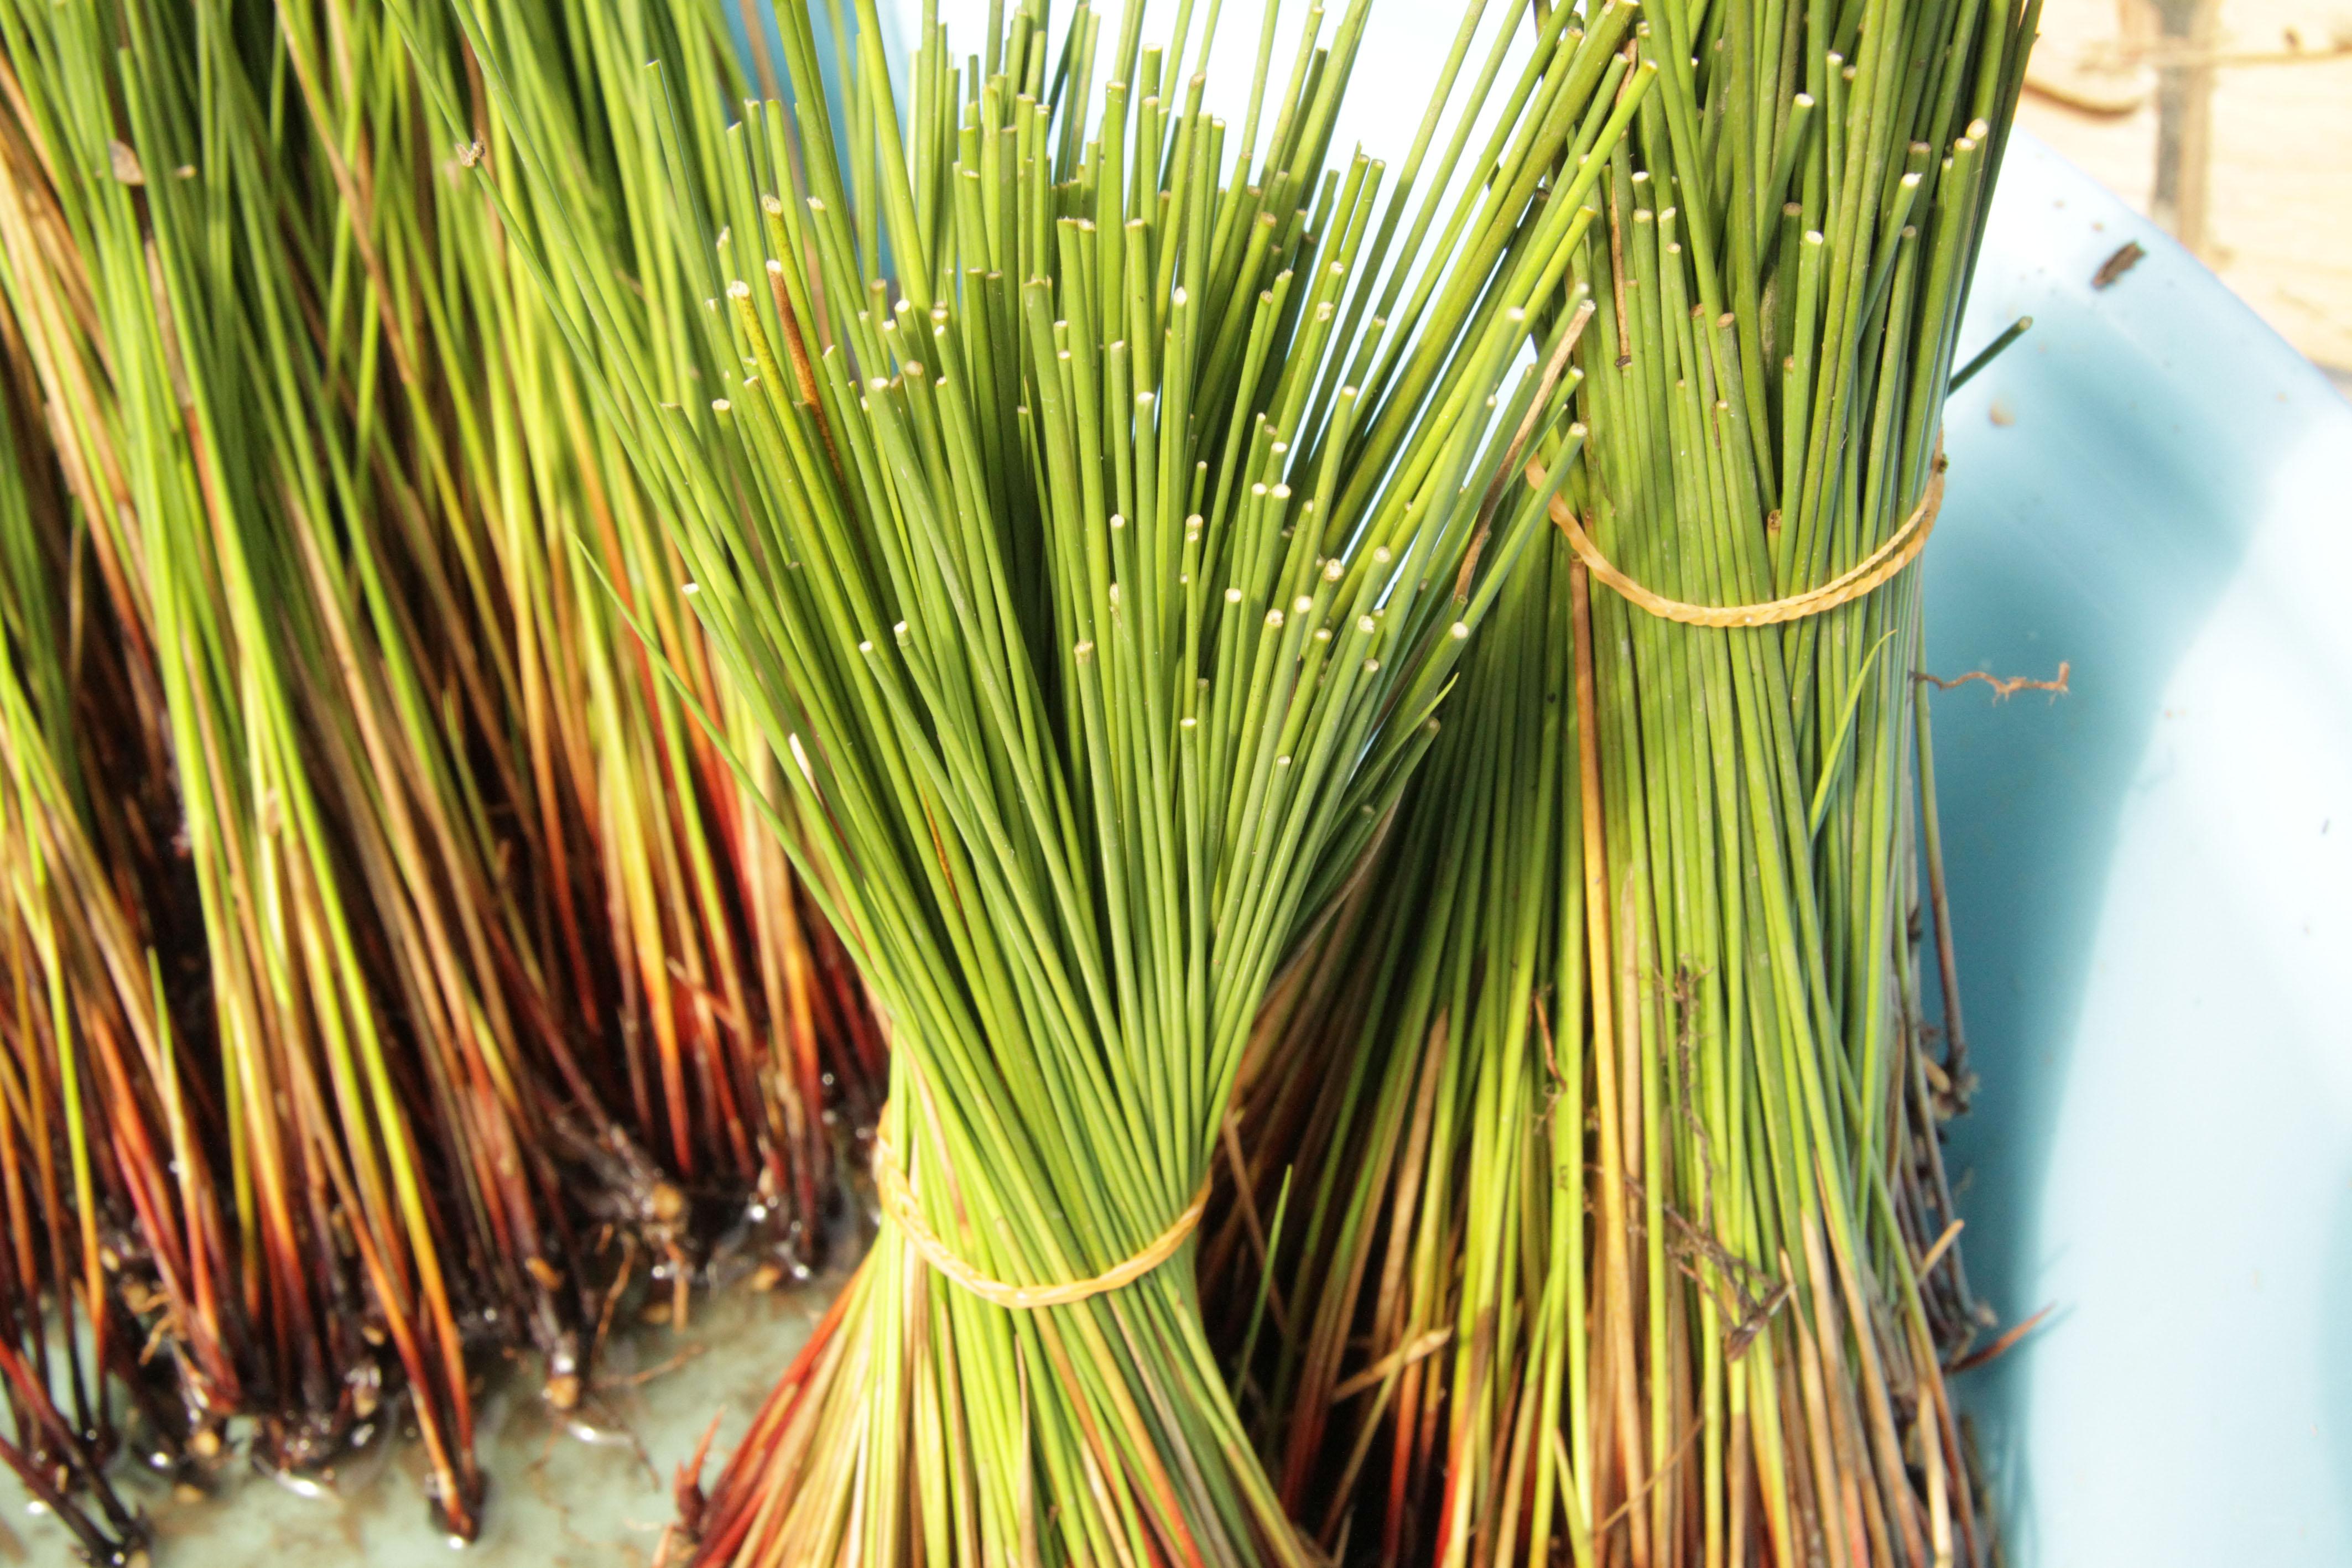 最高級の畳、備後畳表~い草の栽培や織る技術を若い世代に継承~ツネイシみらい財団の文化伝統支援